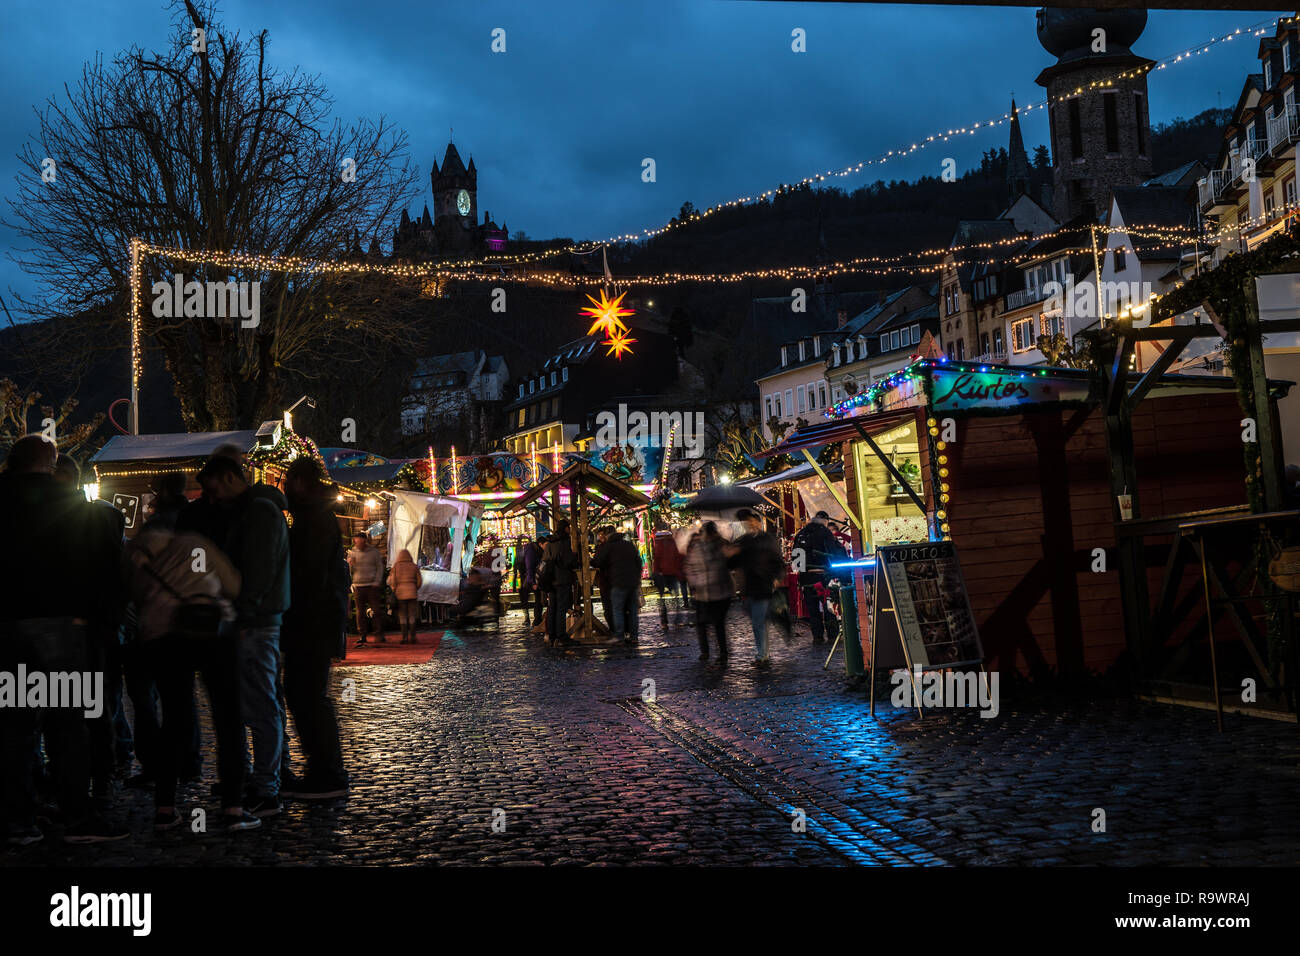 Cochem Weihnachtsmarkt.Christmas Market At Cochem Germany Stock Photo 229833818 Alamy